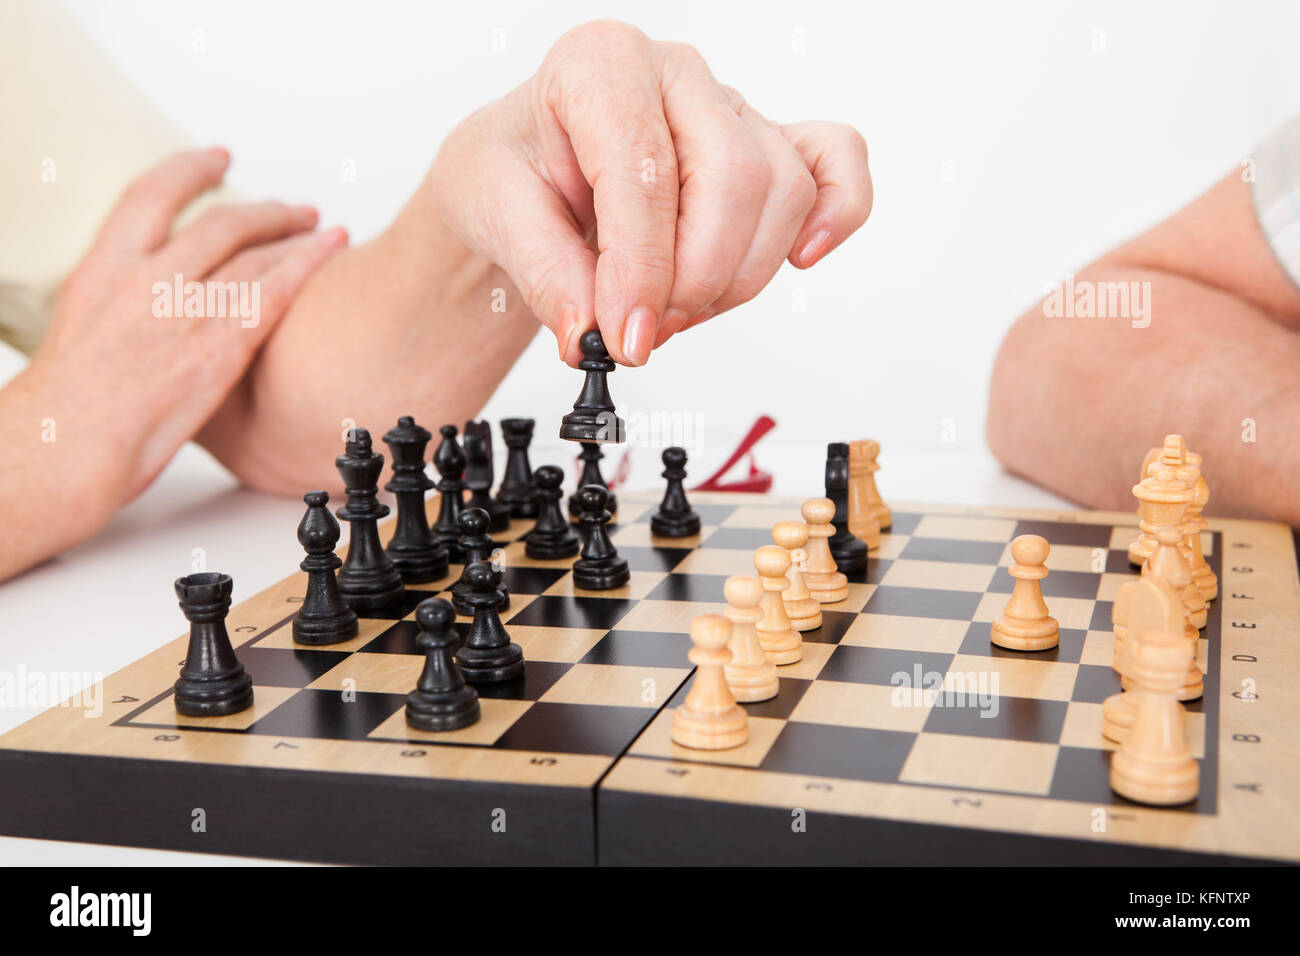 Schach Spielen Online Kostenlos